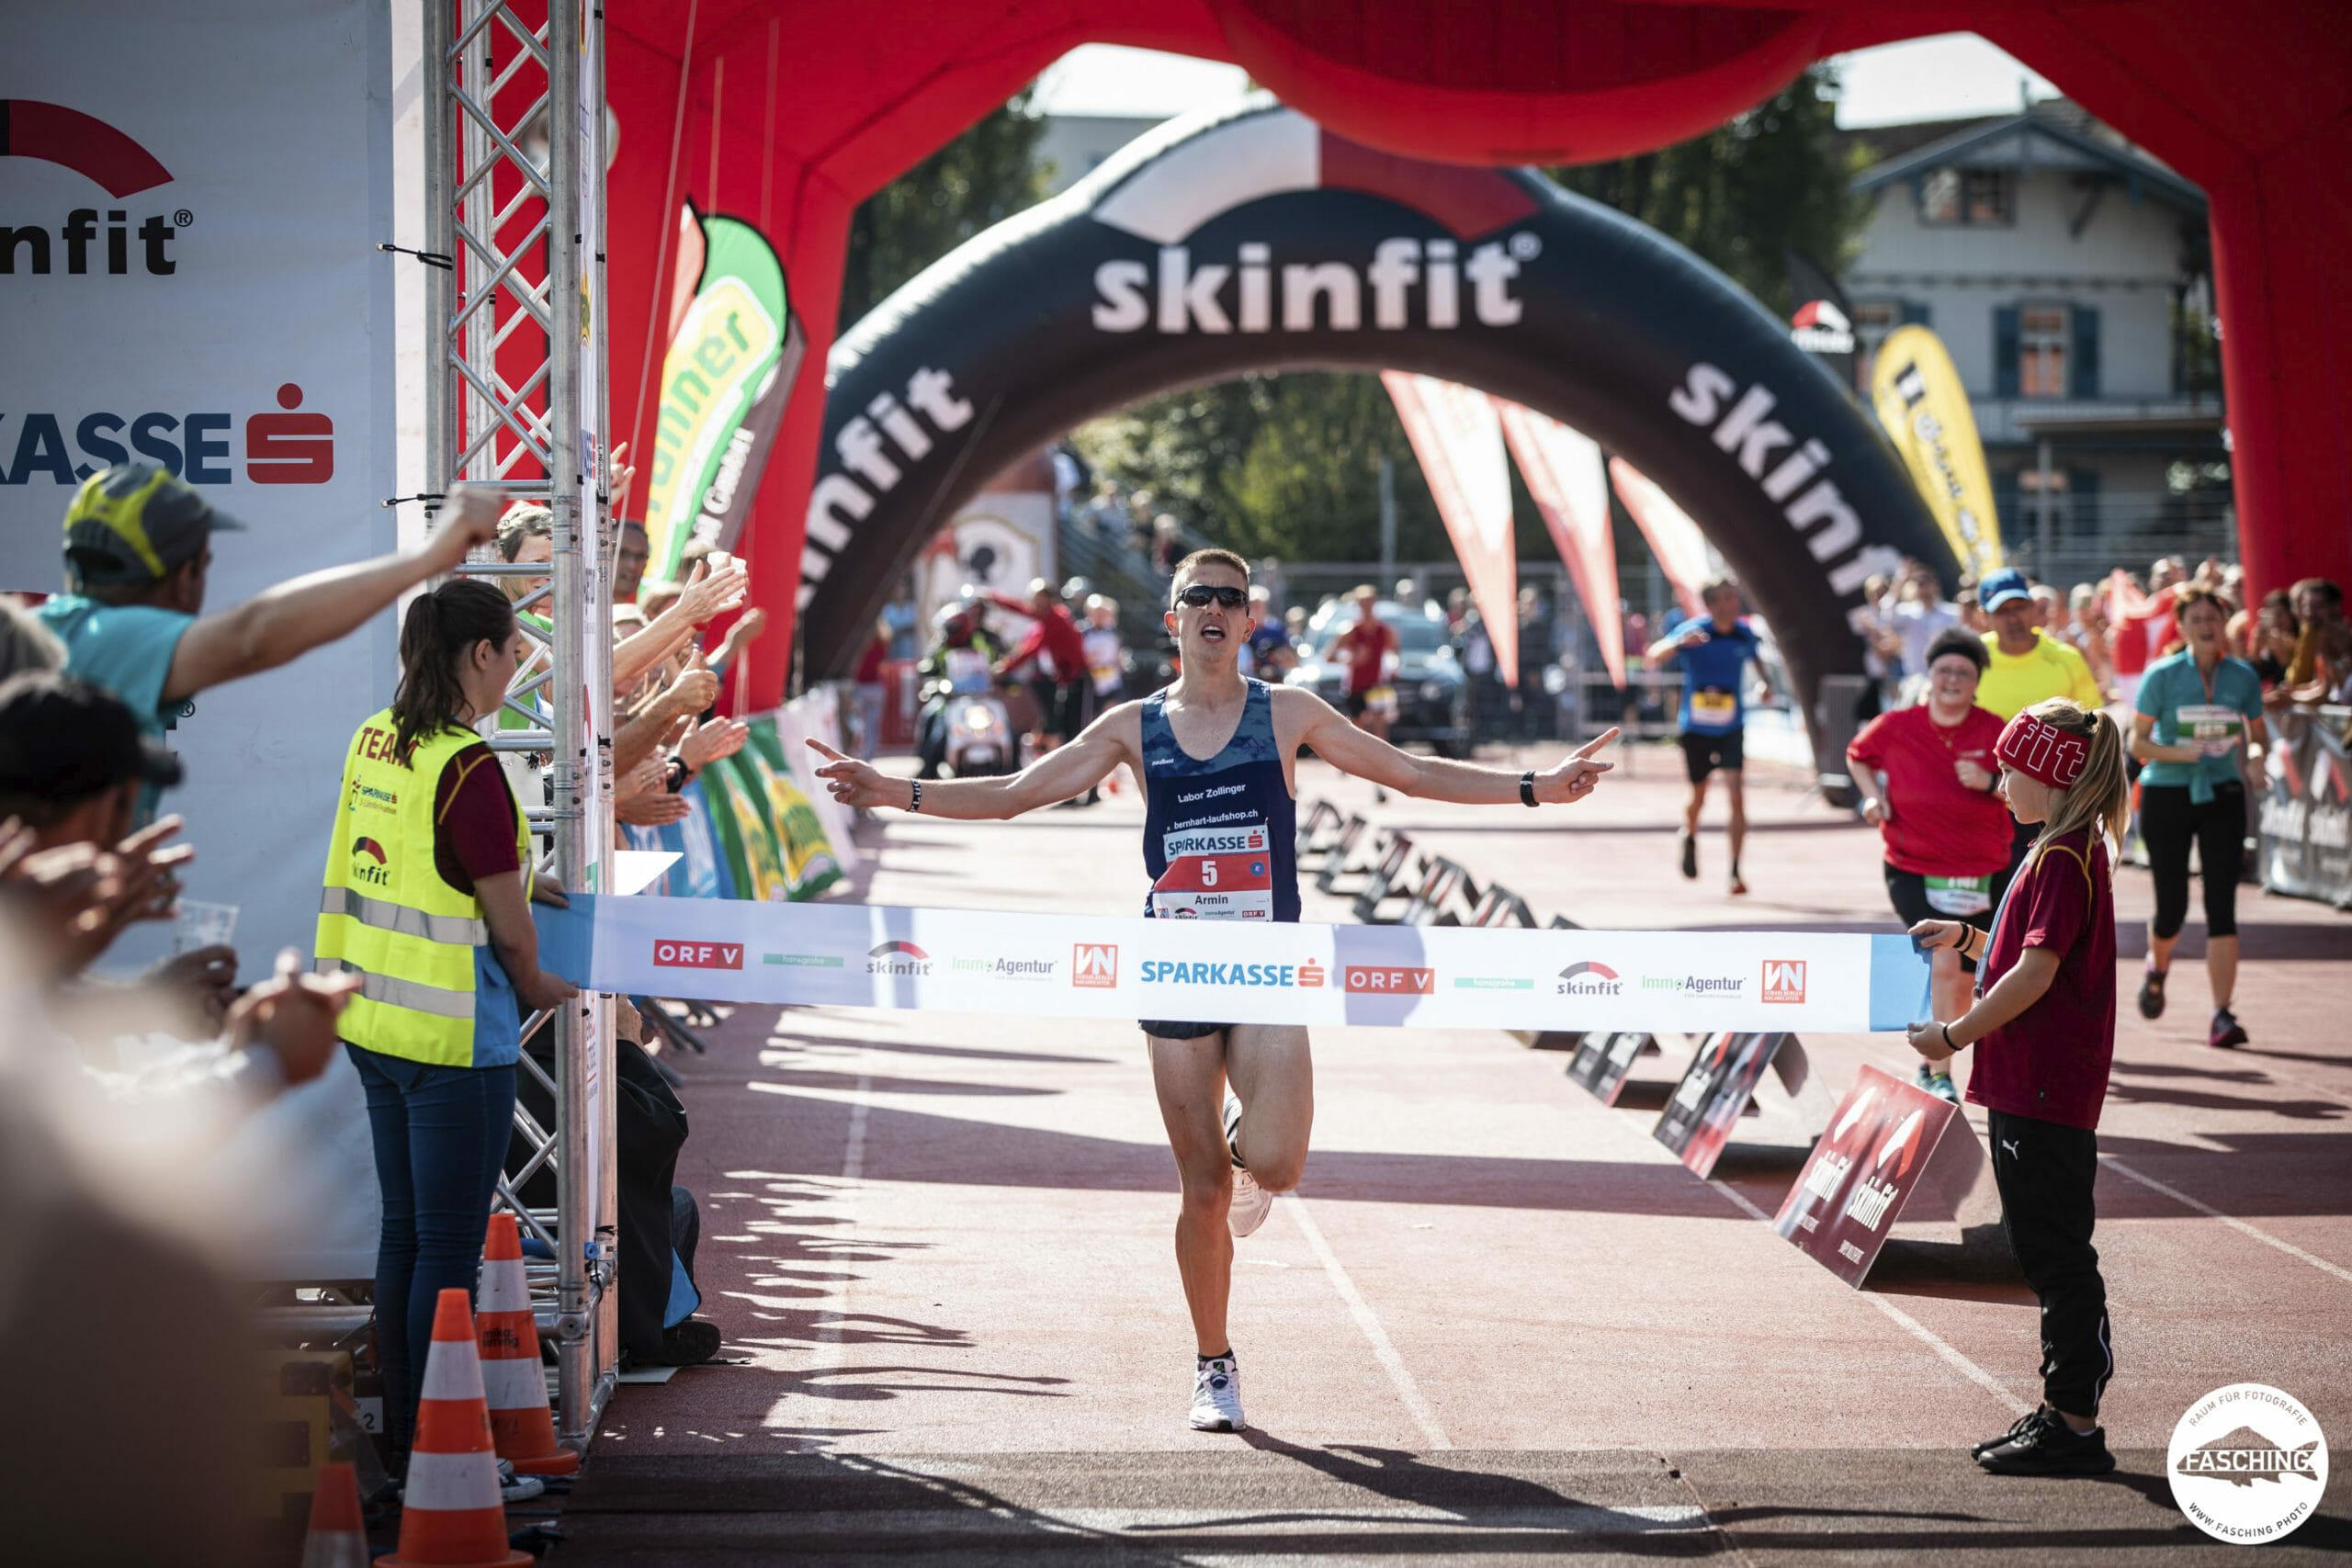 Sportfotogafie in Österreich, Schweiz und Deutschland Luca Fasching fotografierte den 3 Länder Marathon